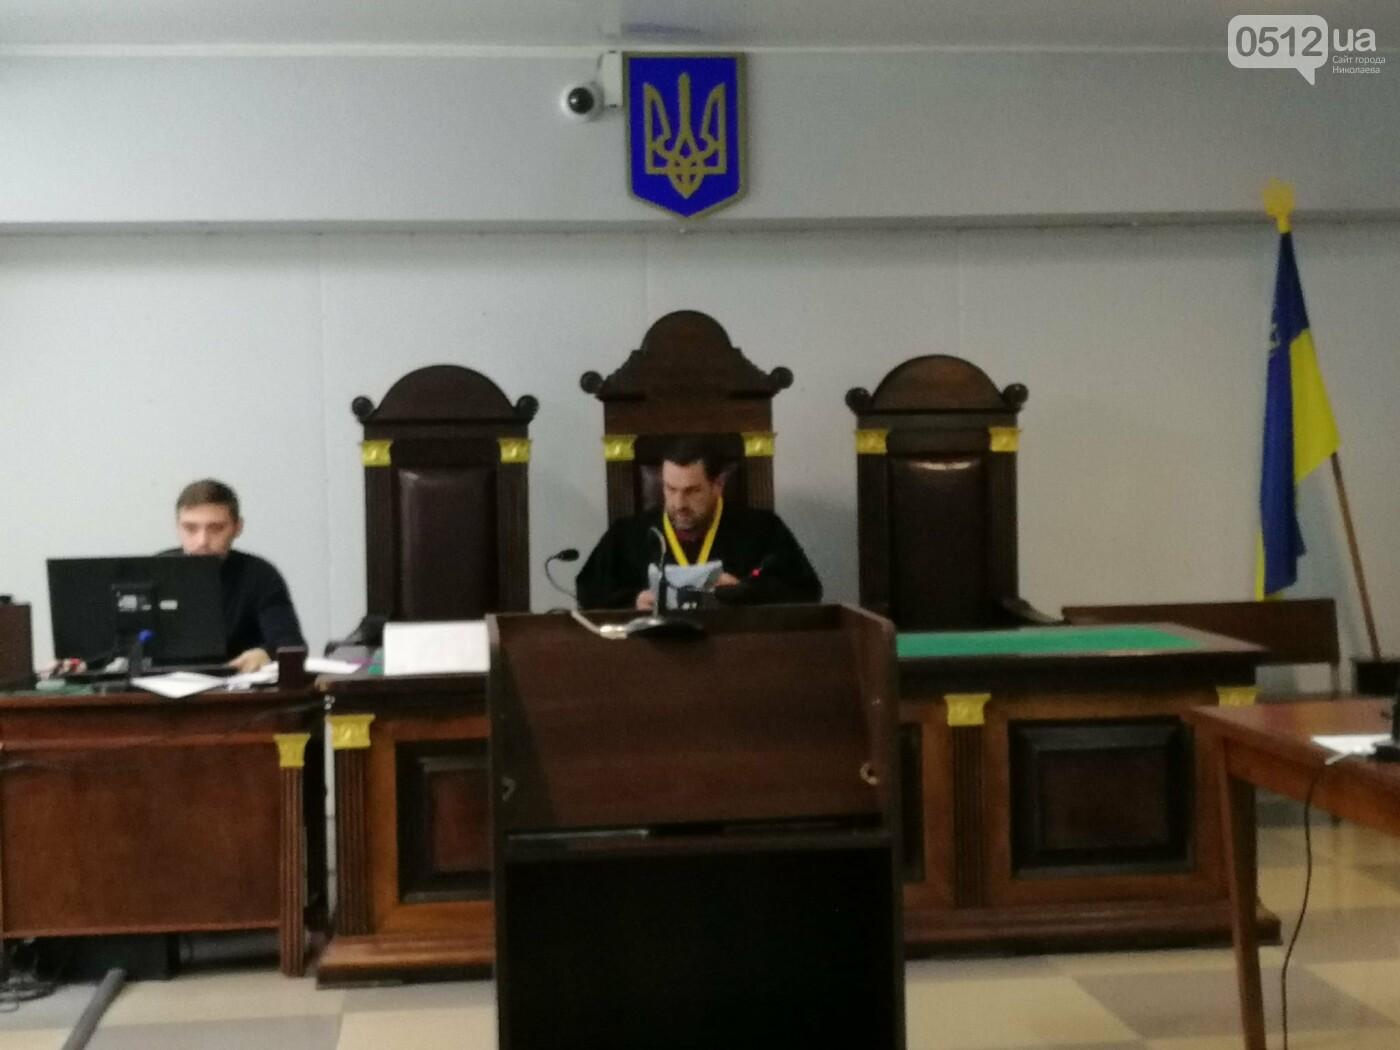 Подозреваемый в смертельном ДТП Лобанов не явился в суд: заседание перенесли, фото-3